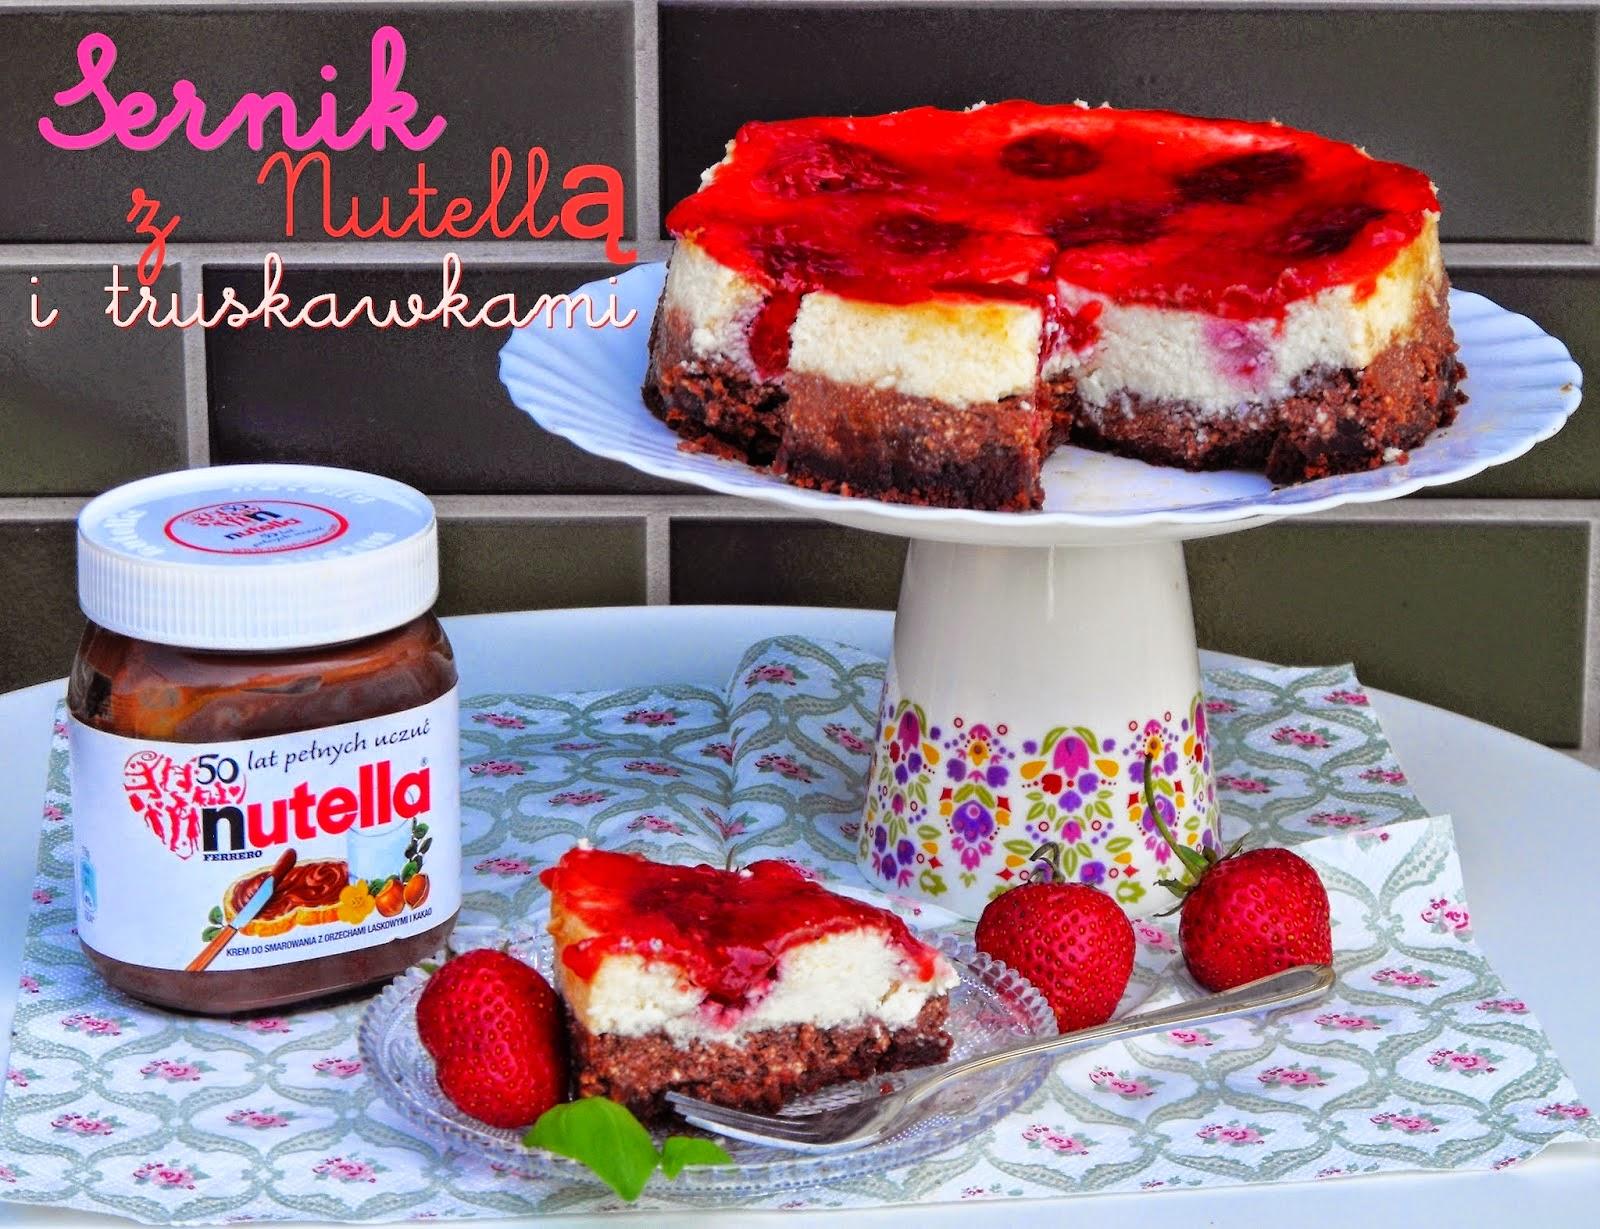 http://teczawsloiku.blogspot.com/2014/06/sernik-z-nutella-i-truskawkami.html